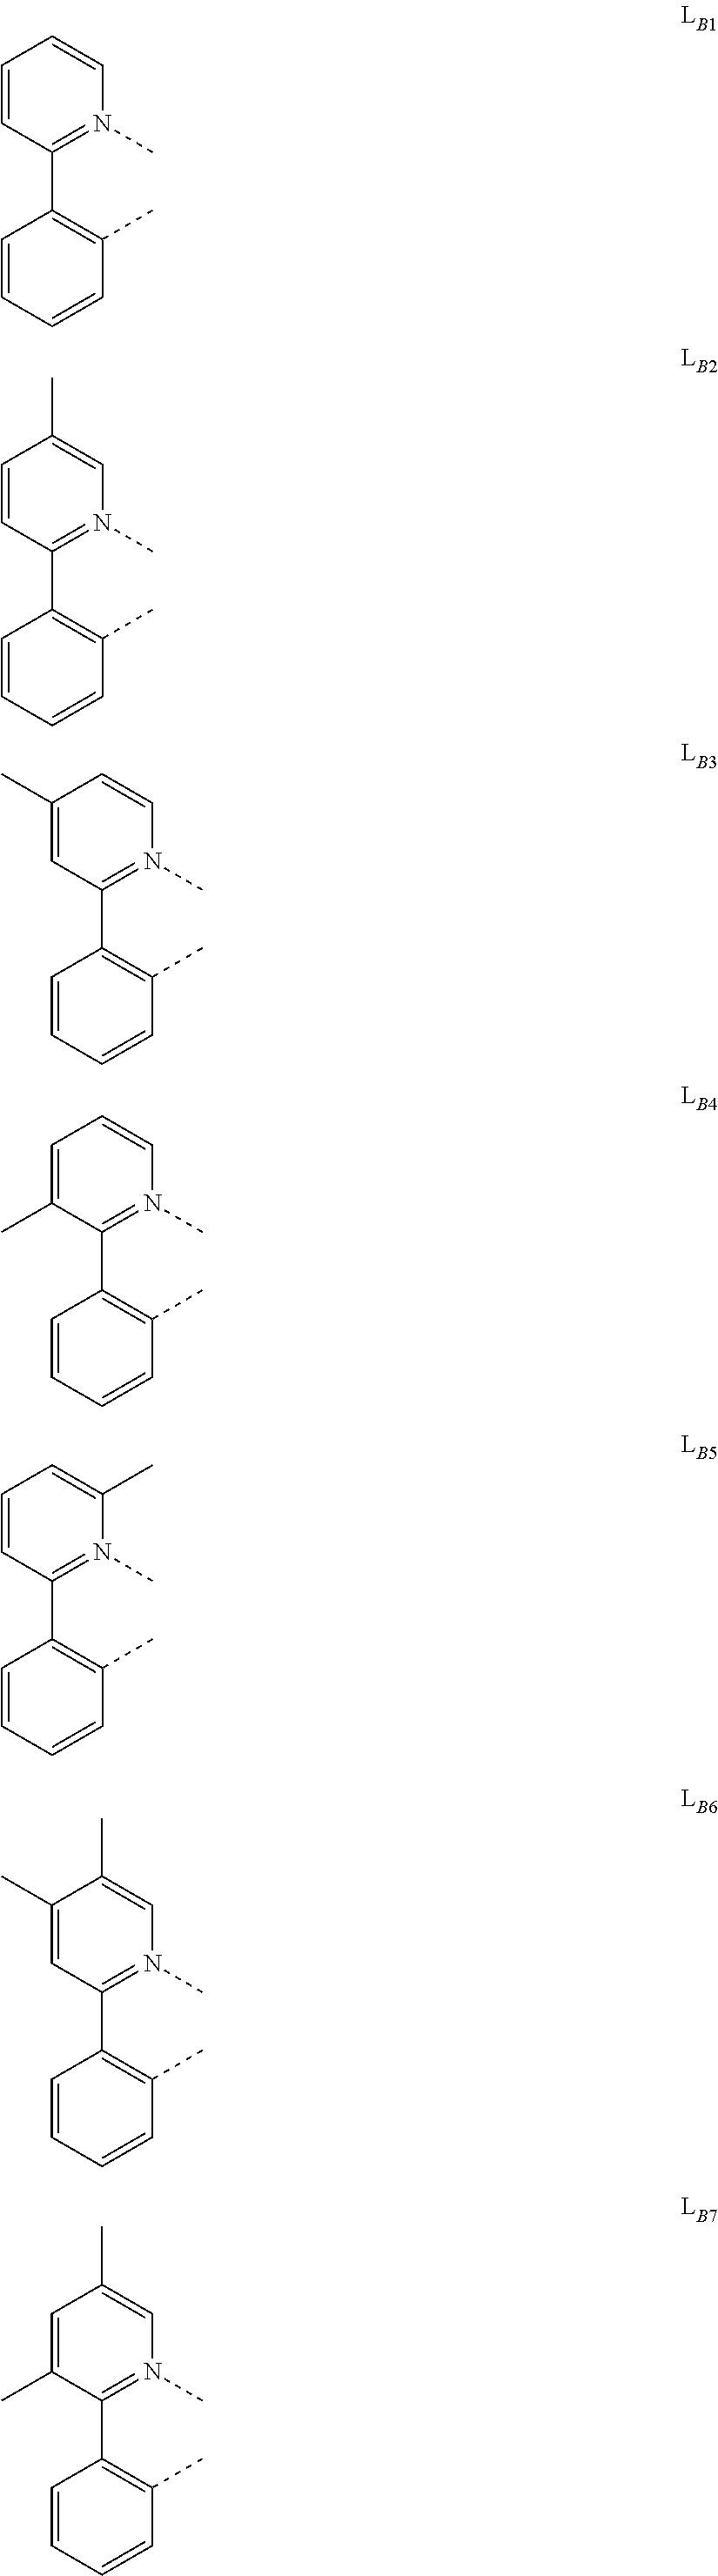 Figure US09590194-20170307-C00047